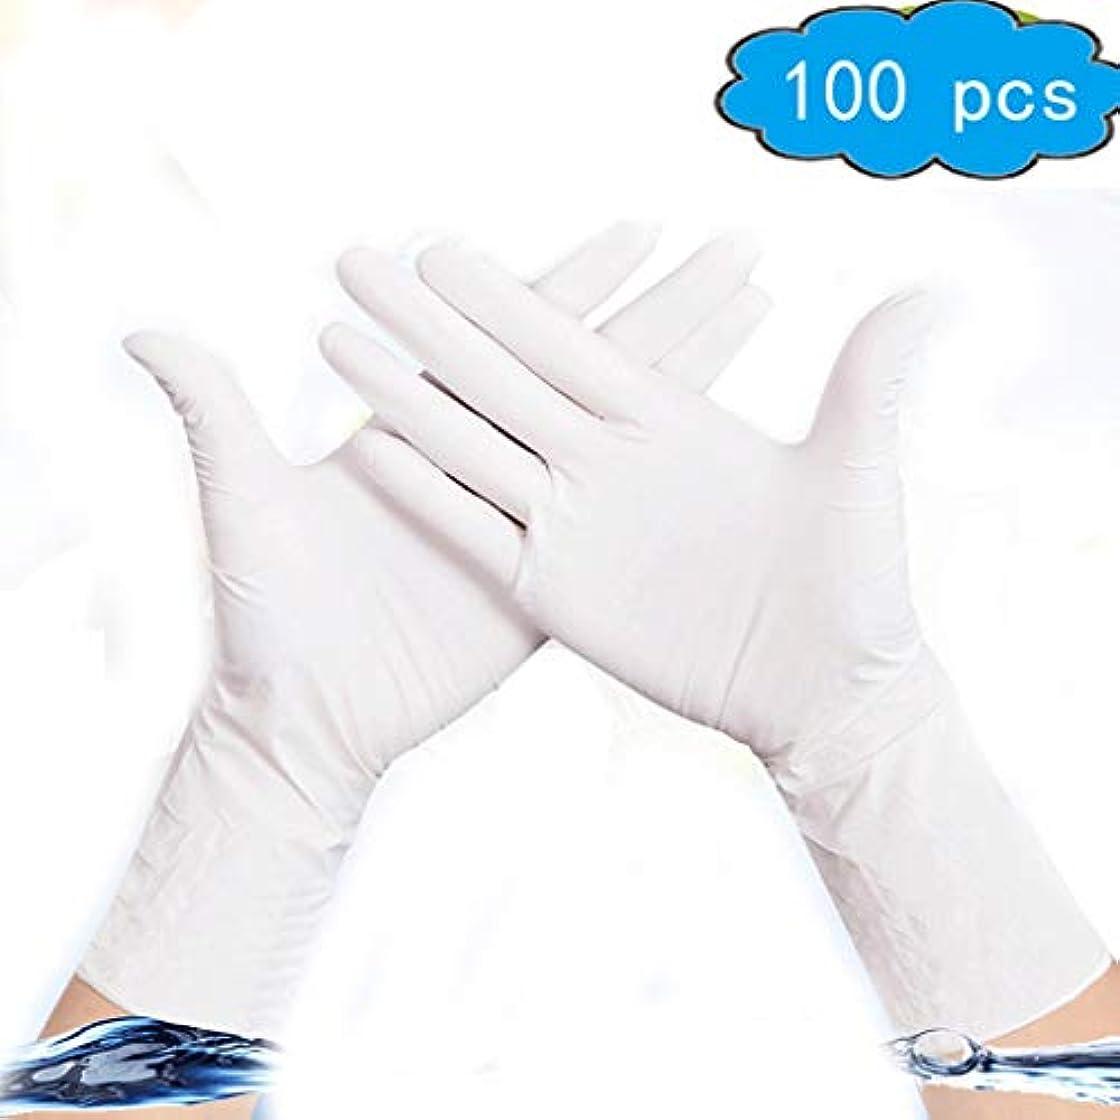 前部勝利した風変わりな使い捨てニトリル手袋、無粉末、滑らかな肌触り、食品グレード、非滅菌[100パック]、サニタリー手袋、家庭用品、ツール&ホームインプルーブメント (Color : White, Size : XS)